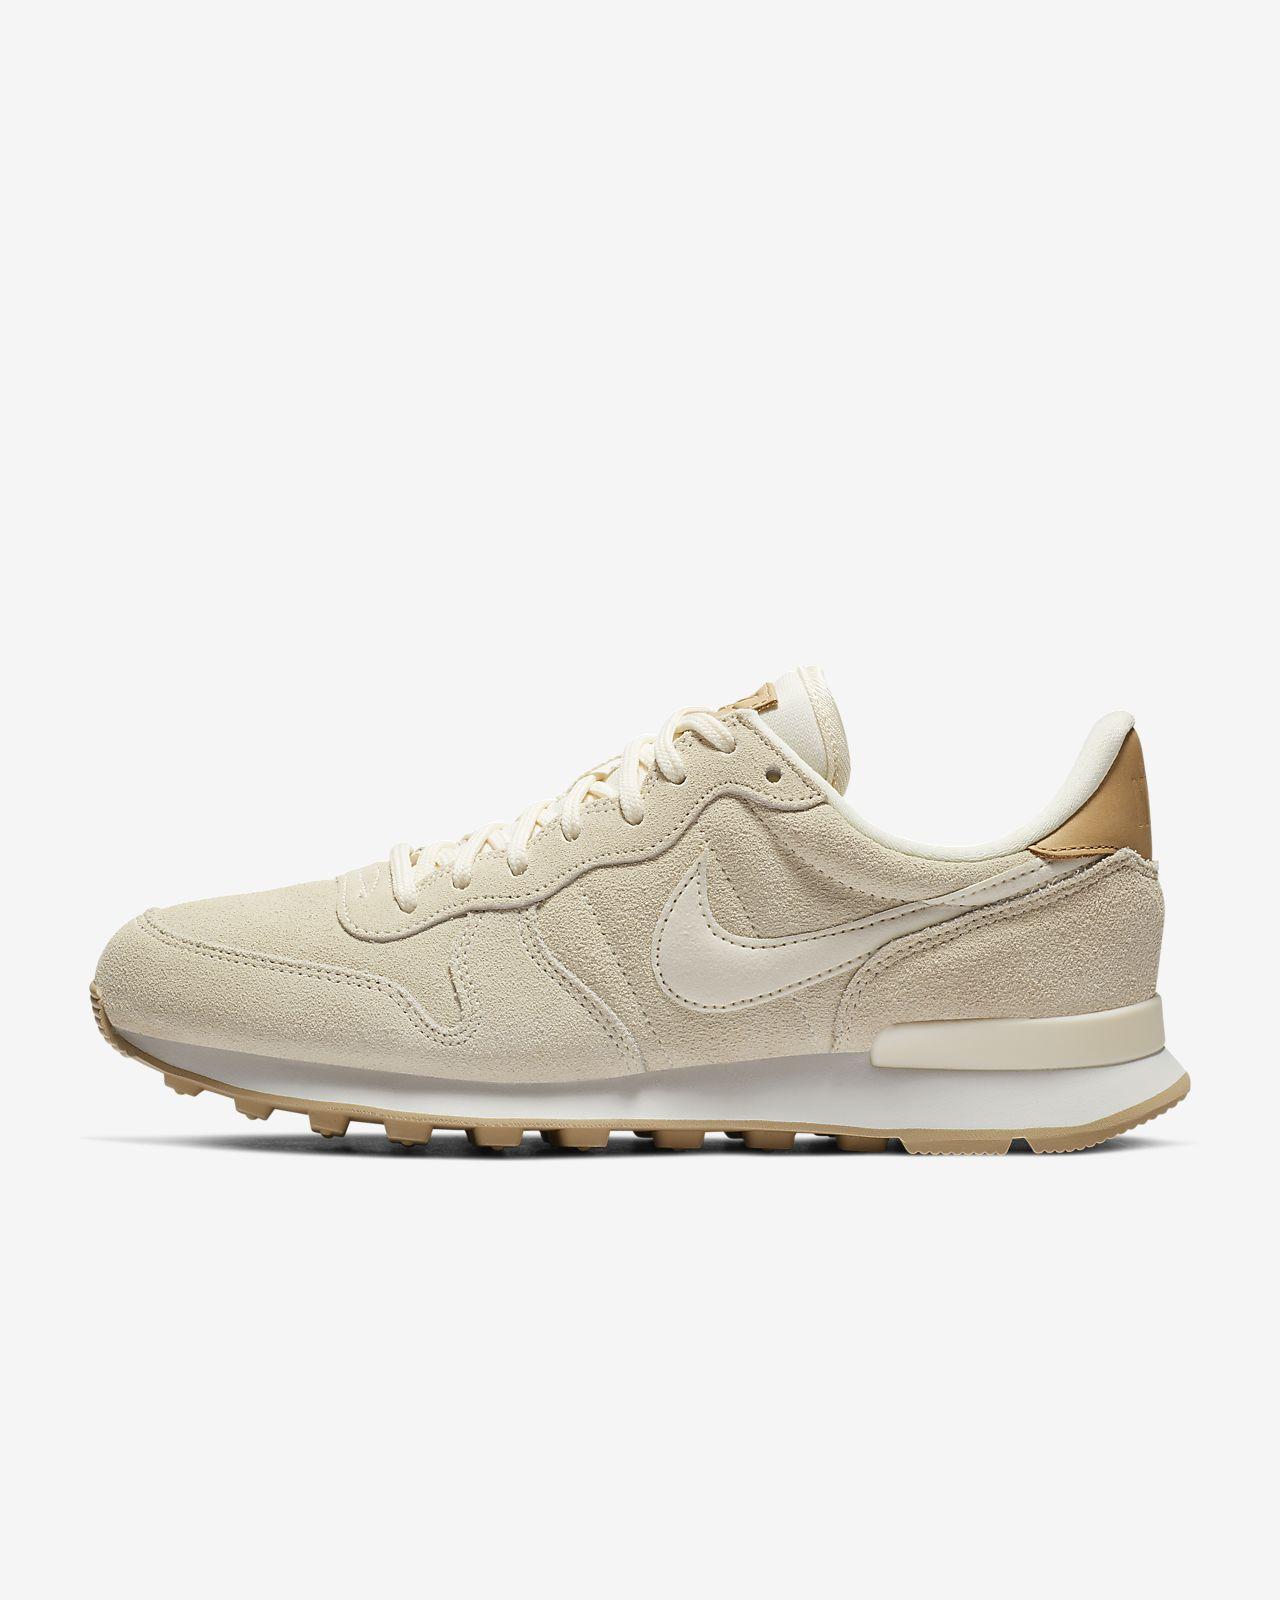 best sneakers 80e46 1dd2e Low Resolution Nike Internationalist Premium Women s Shoe Nike  Internationalist Premium Women s Shoe